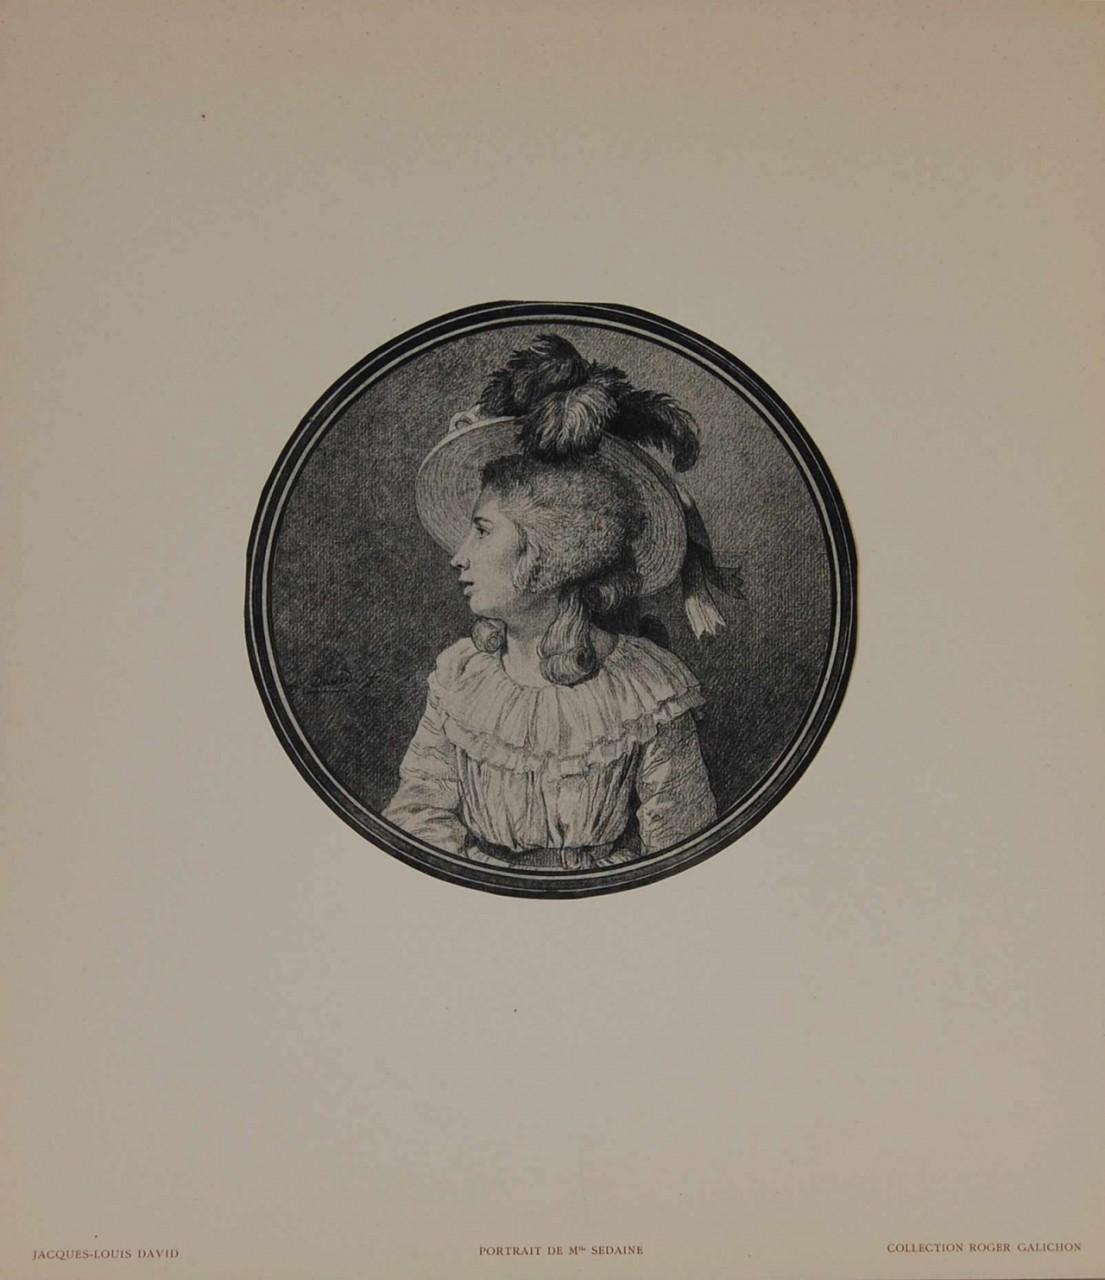 DAVID Jacques-Louis femme a chapeau de profil